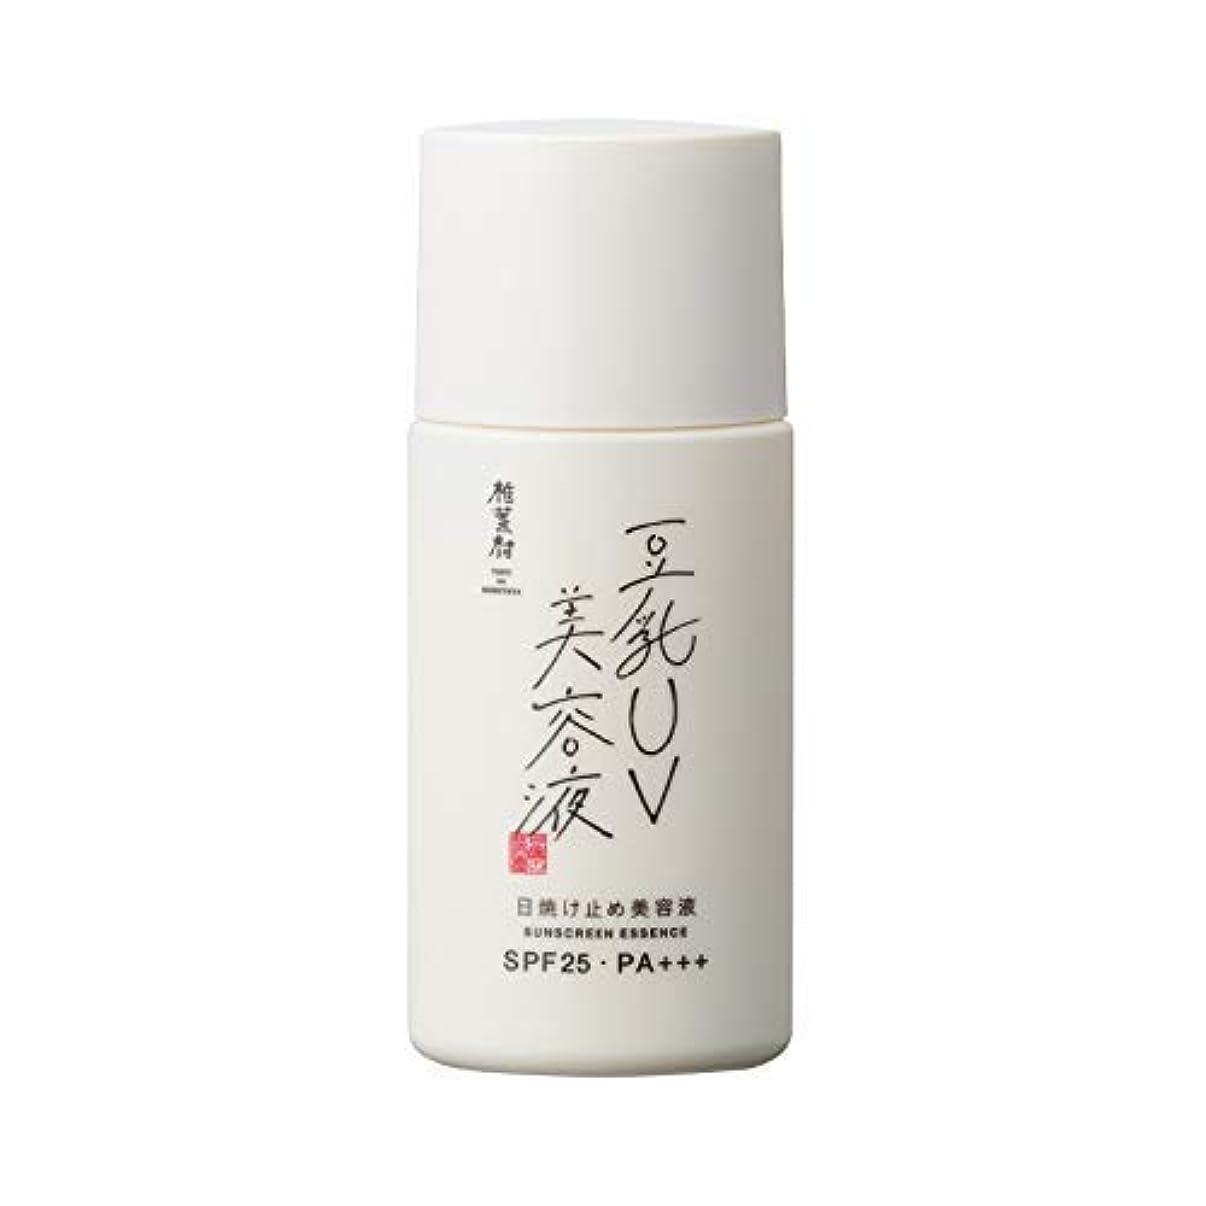 ツーリストオーブン吹雪豆腐の盛田屋 豆乳UV美容液 自然生活 30mL